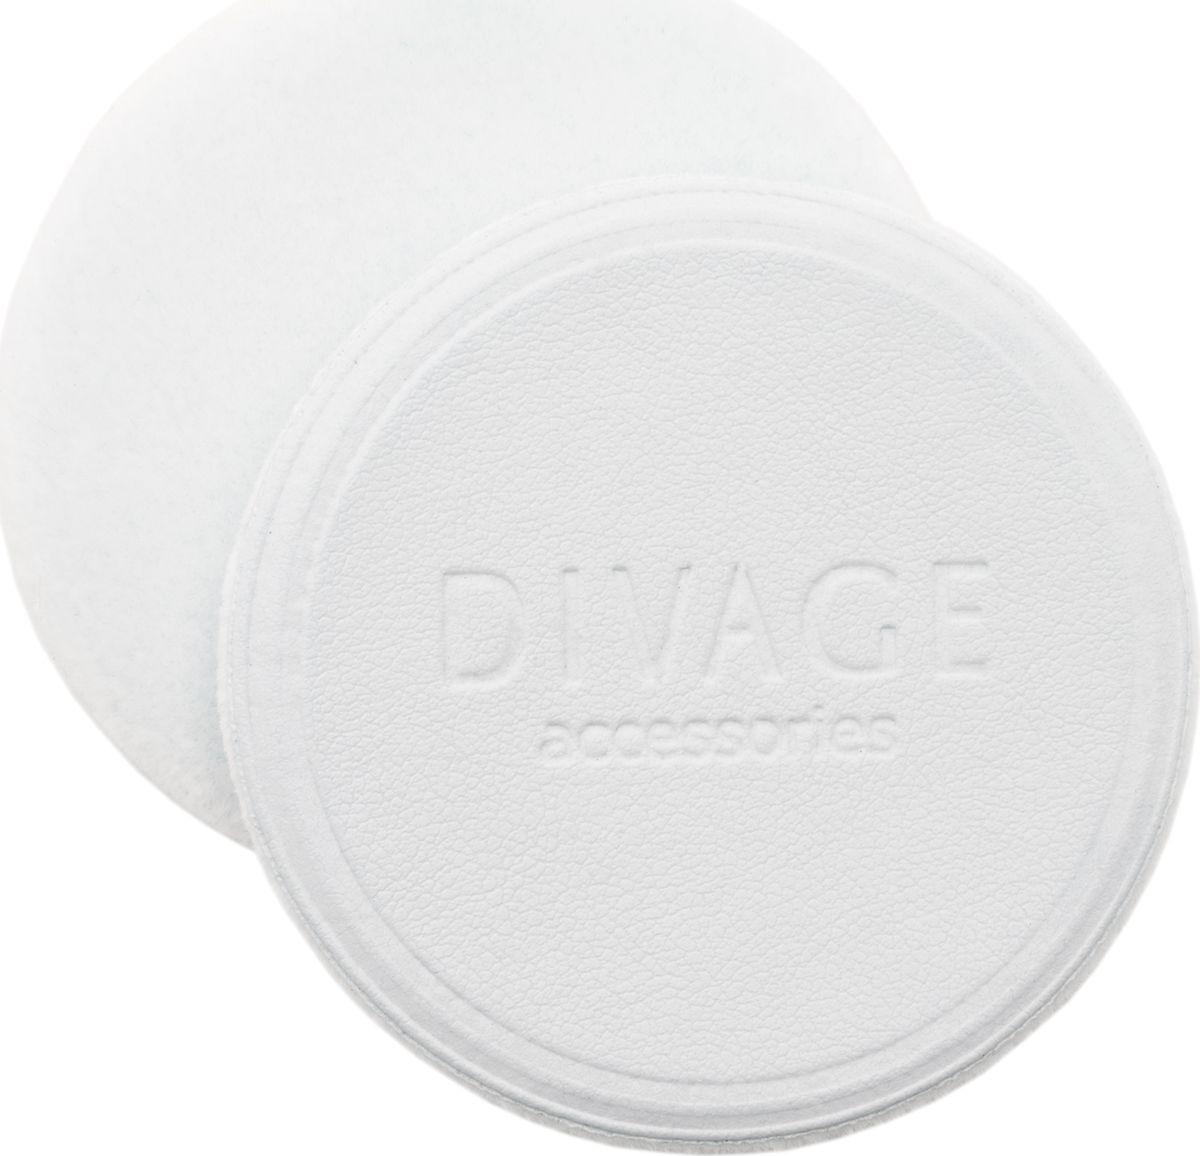 Divage Accessories - Спонж для пудры круглый, белый d60 ммmeizipuff-003Ультра мягкий флоковый спонж для нанесения и смешивания румян, а также для компактной или рассыпчатой пудры изготовлен из высококачественного микроволокна. Превращает процесс нанесения макияжа в удовольствие. Стильный дизайн и противоскользящая лицевая поверхность из искусственной кожи для наибольшего удобства в использовании. Имеет стандартный размер, подходящий для большинства пудрениц. СОВЕТ ОТ DIVAGE: Содержи флоковый спонж в чистоте. После применения тщательно промой теплой водой с мылом, бережно отожми, распрями и просуши для дальнейшего применения.